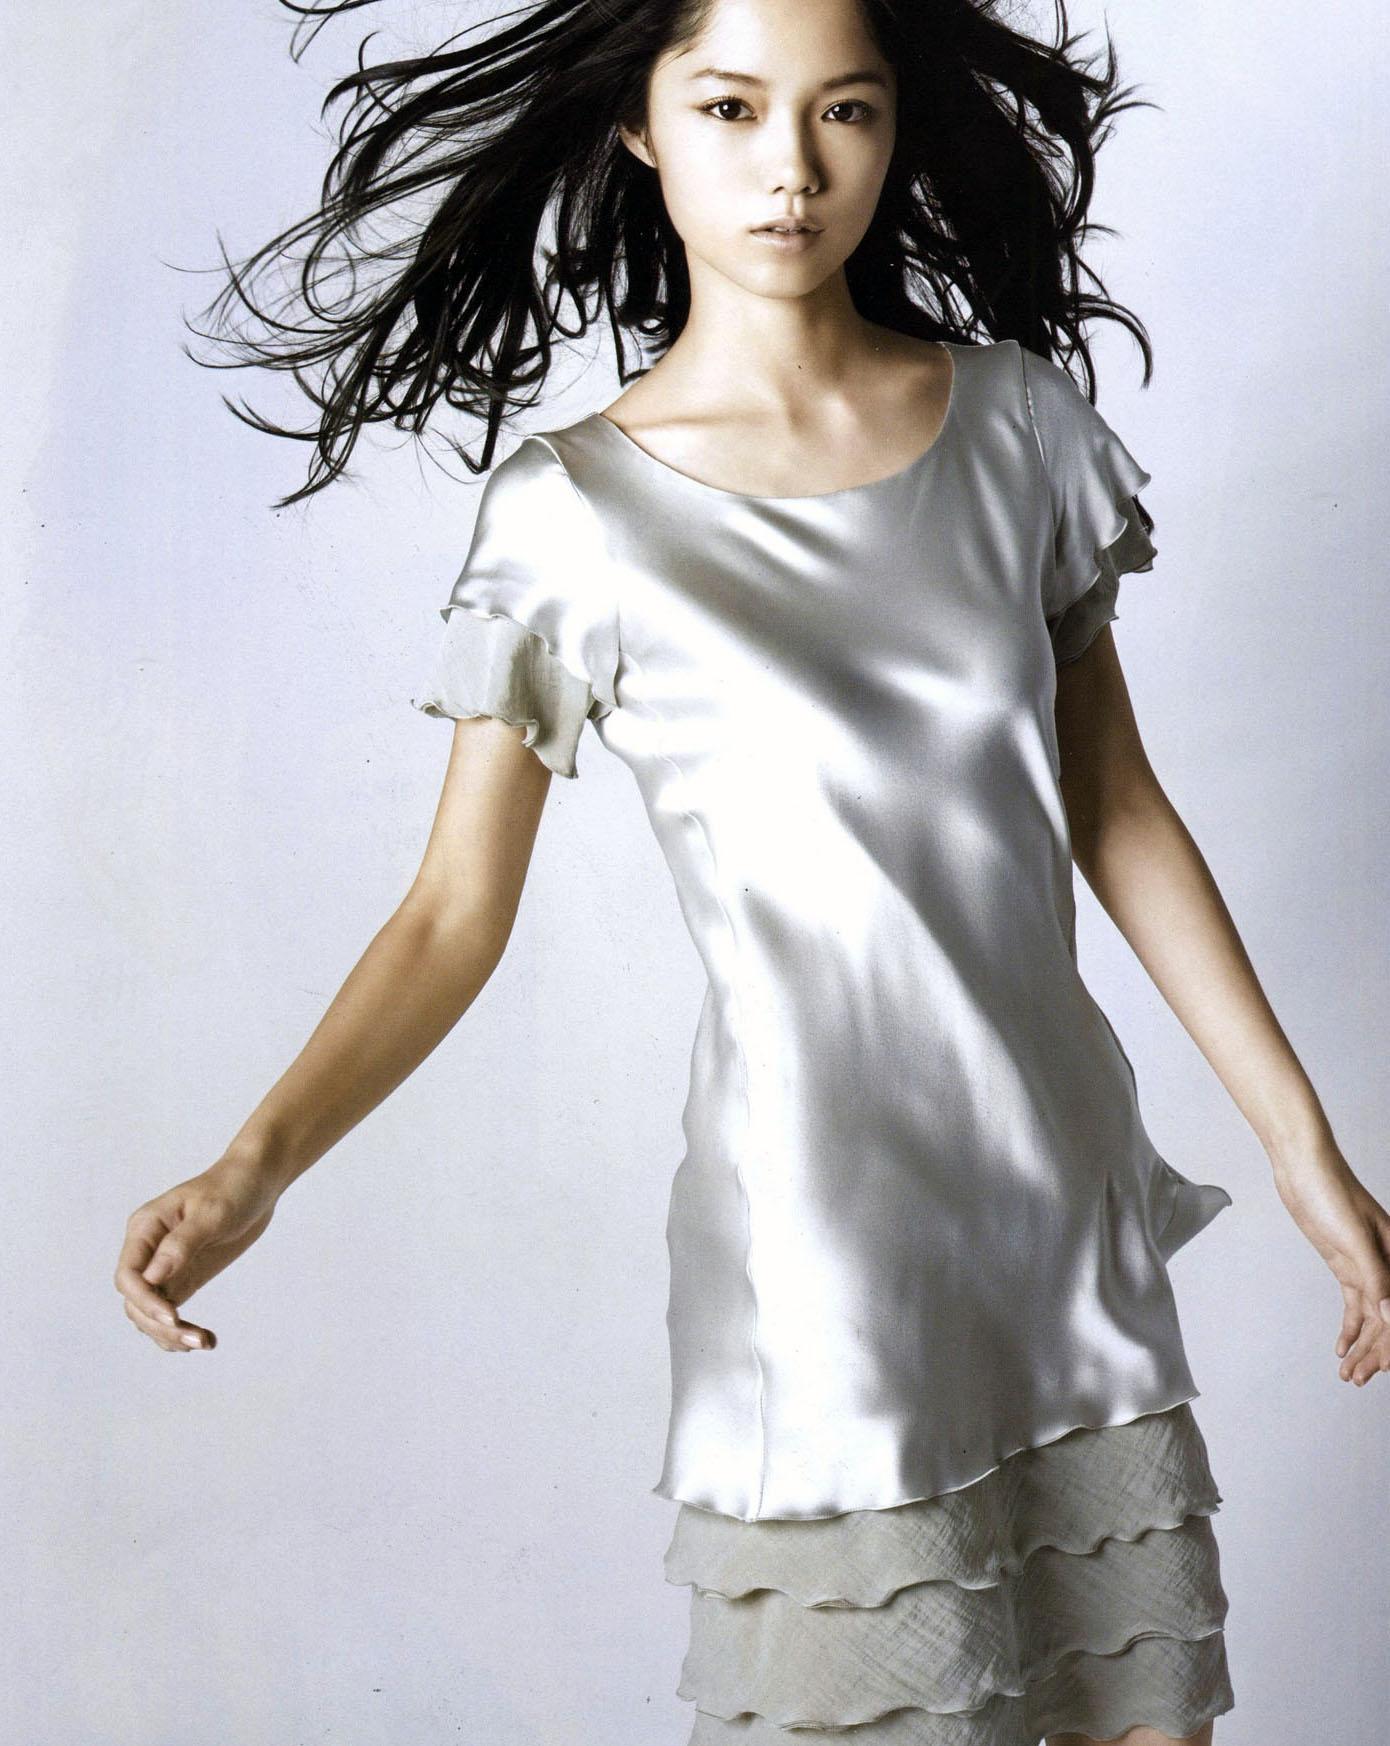 Aoi Miyazaki - Actress Wallpapers